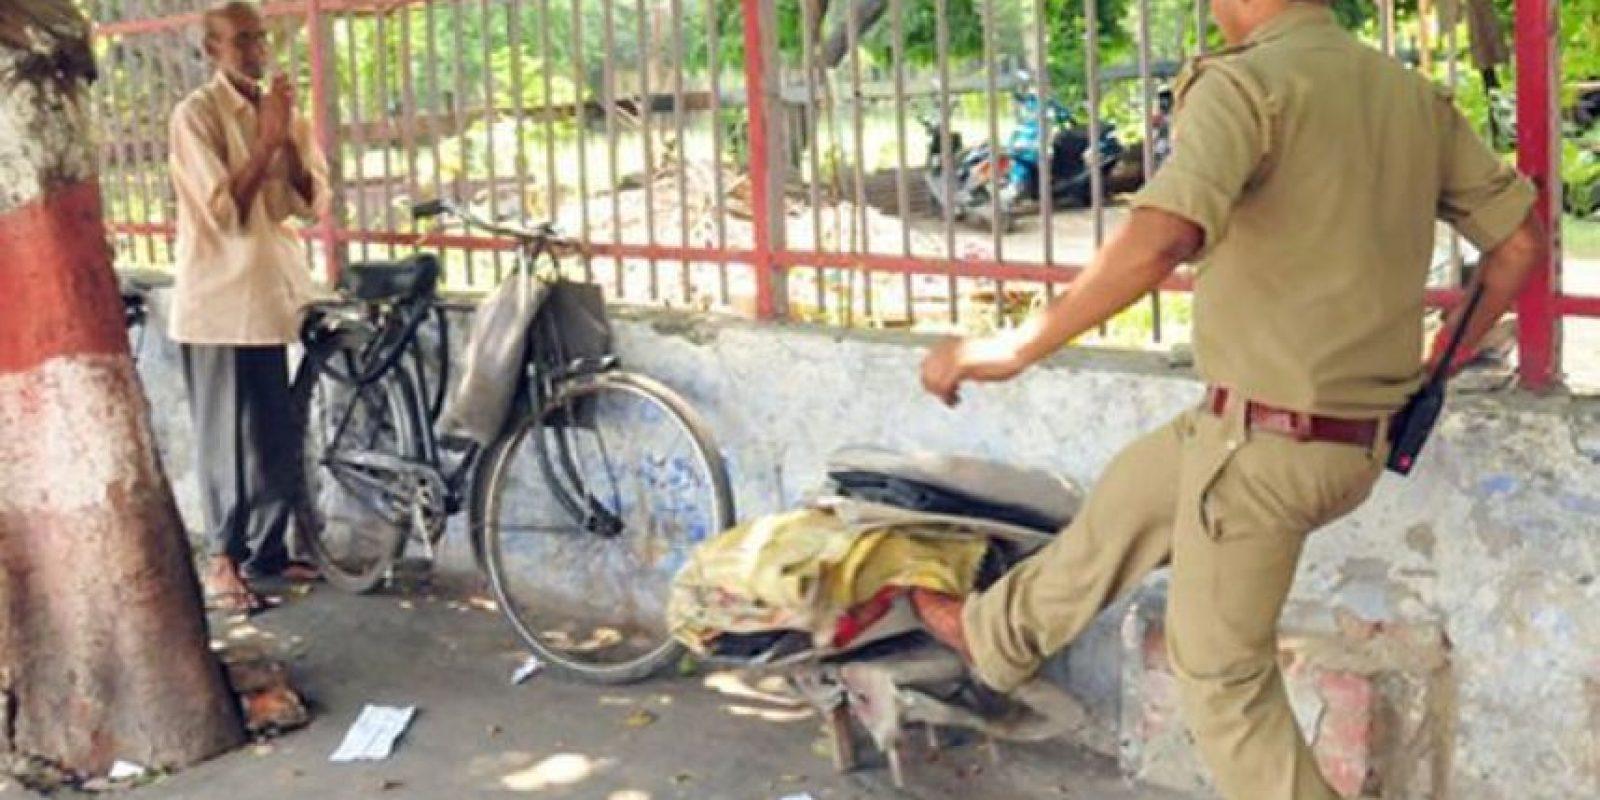 Las imágenes fueron capturadas por Ashutosh Tripath, fotógrafo de Dainik Bhaskar Foto:Vía facebook.com/Kcapturedmoments